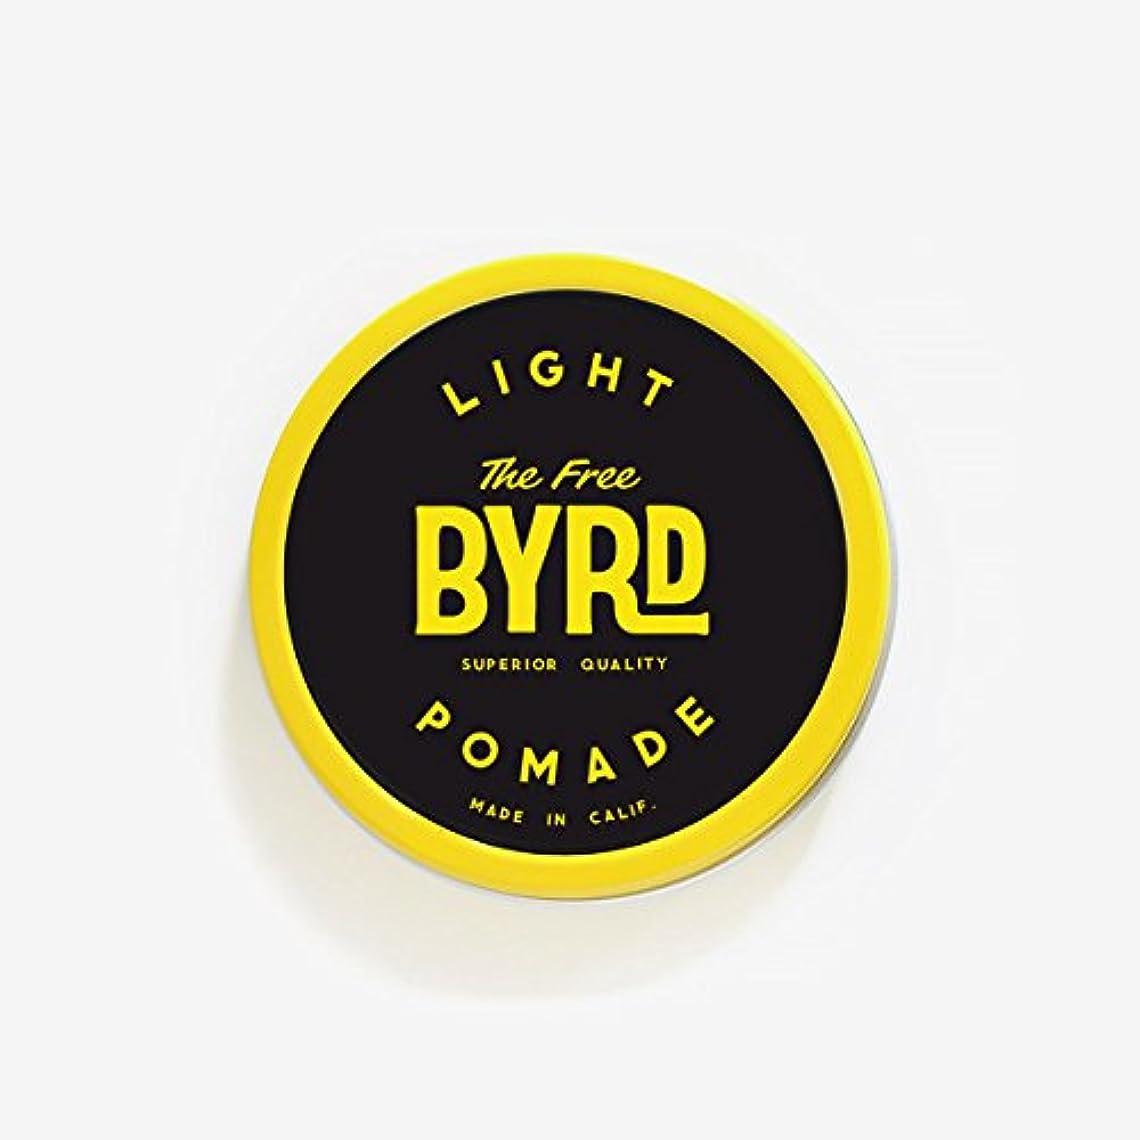 シンポジウム姿を消すバリーバード(BYRD) カリフォルニア発ポマード288 LIGHT POMADE SMALL(スモールサイズ)ライトスタイルヘアワックスヘアスタイリング剤耐水性香料メンズ/レディース 【LIGHT】SMALL